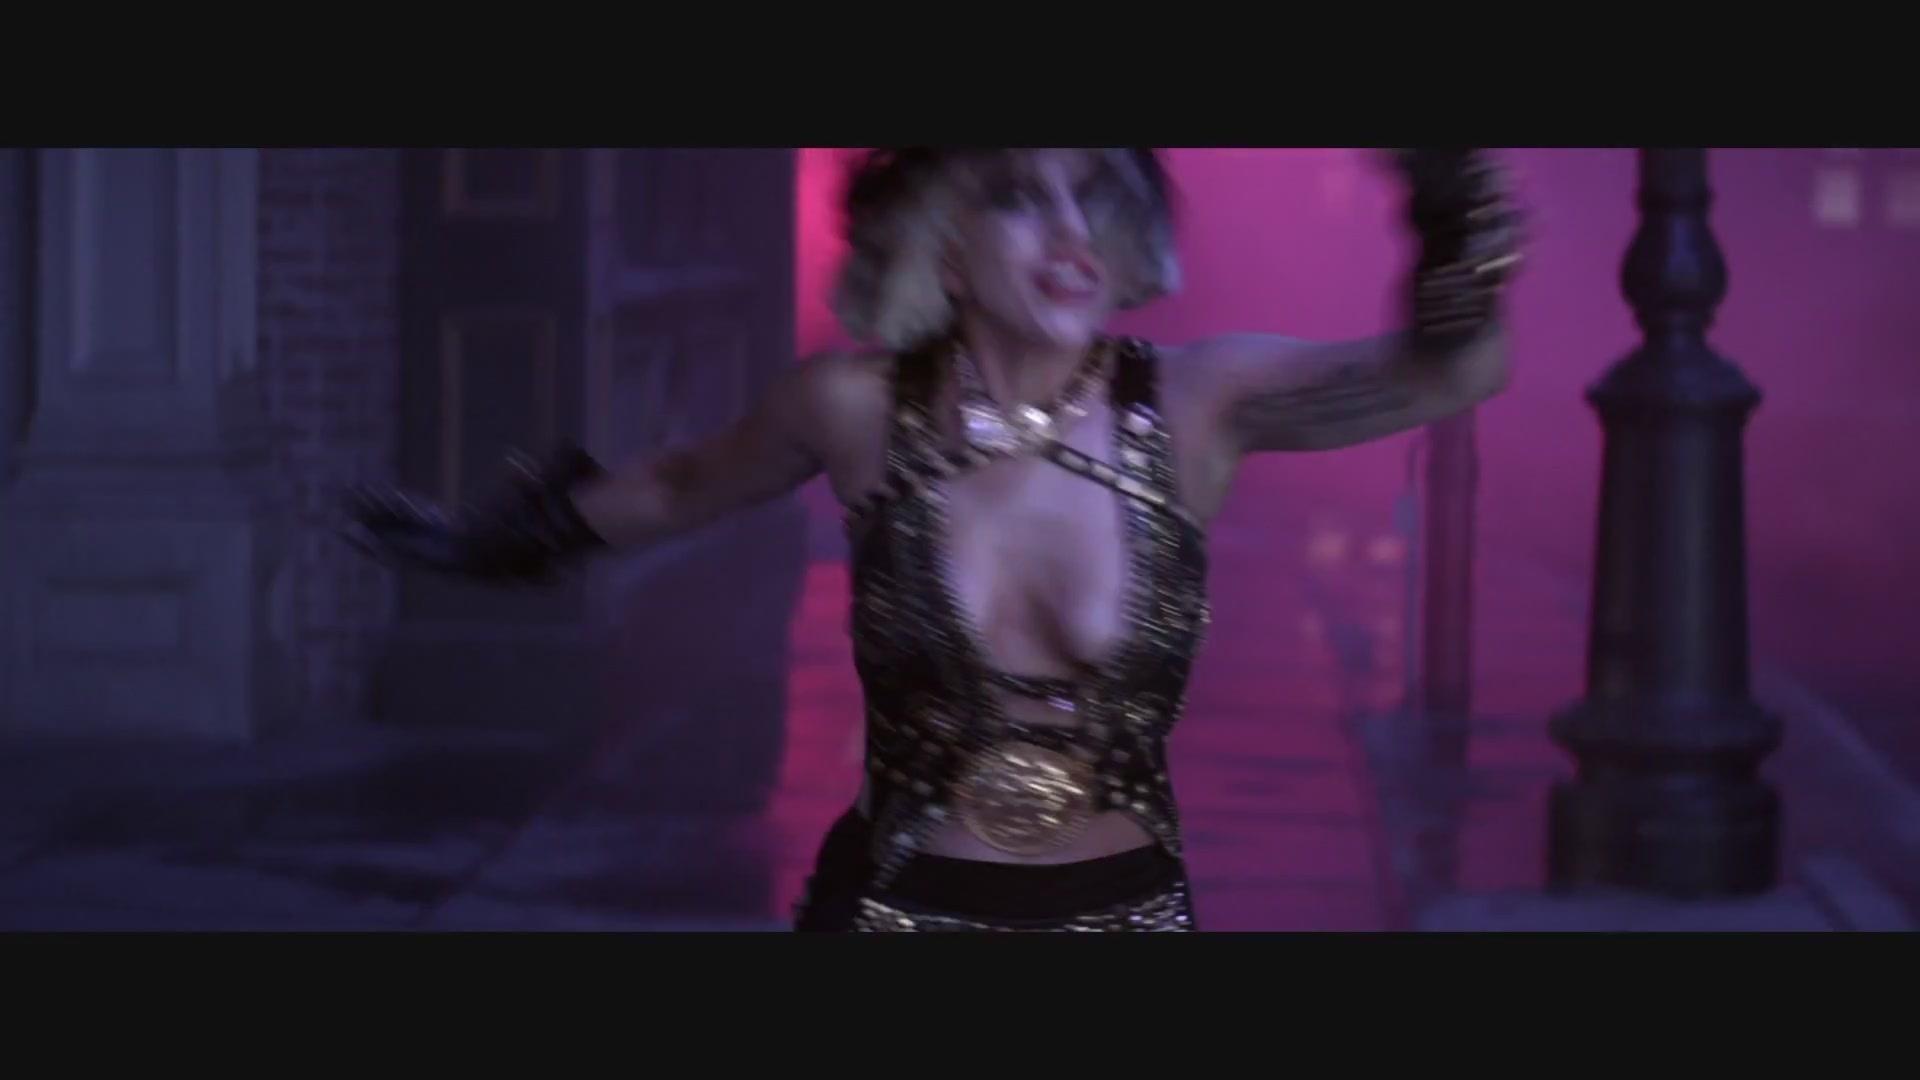 Lady GaGa - The Edge Of Glory Lyrics